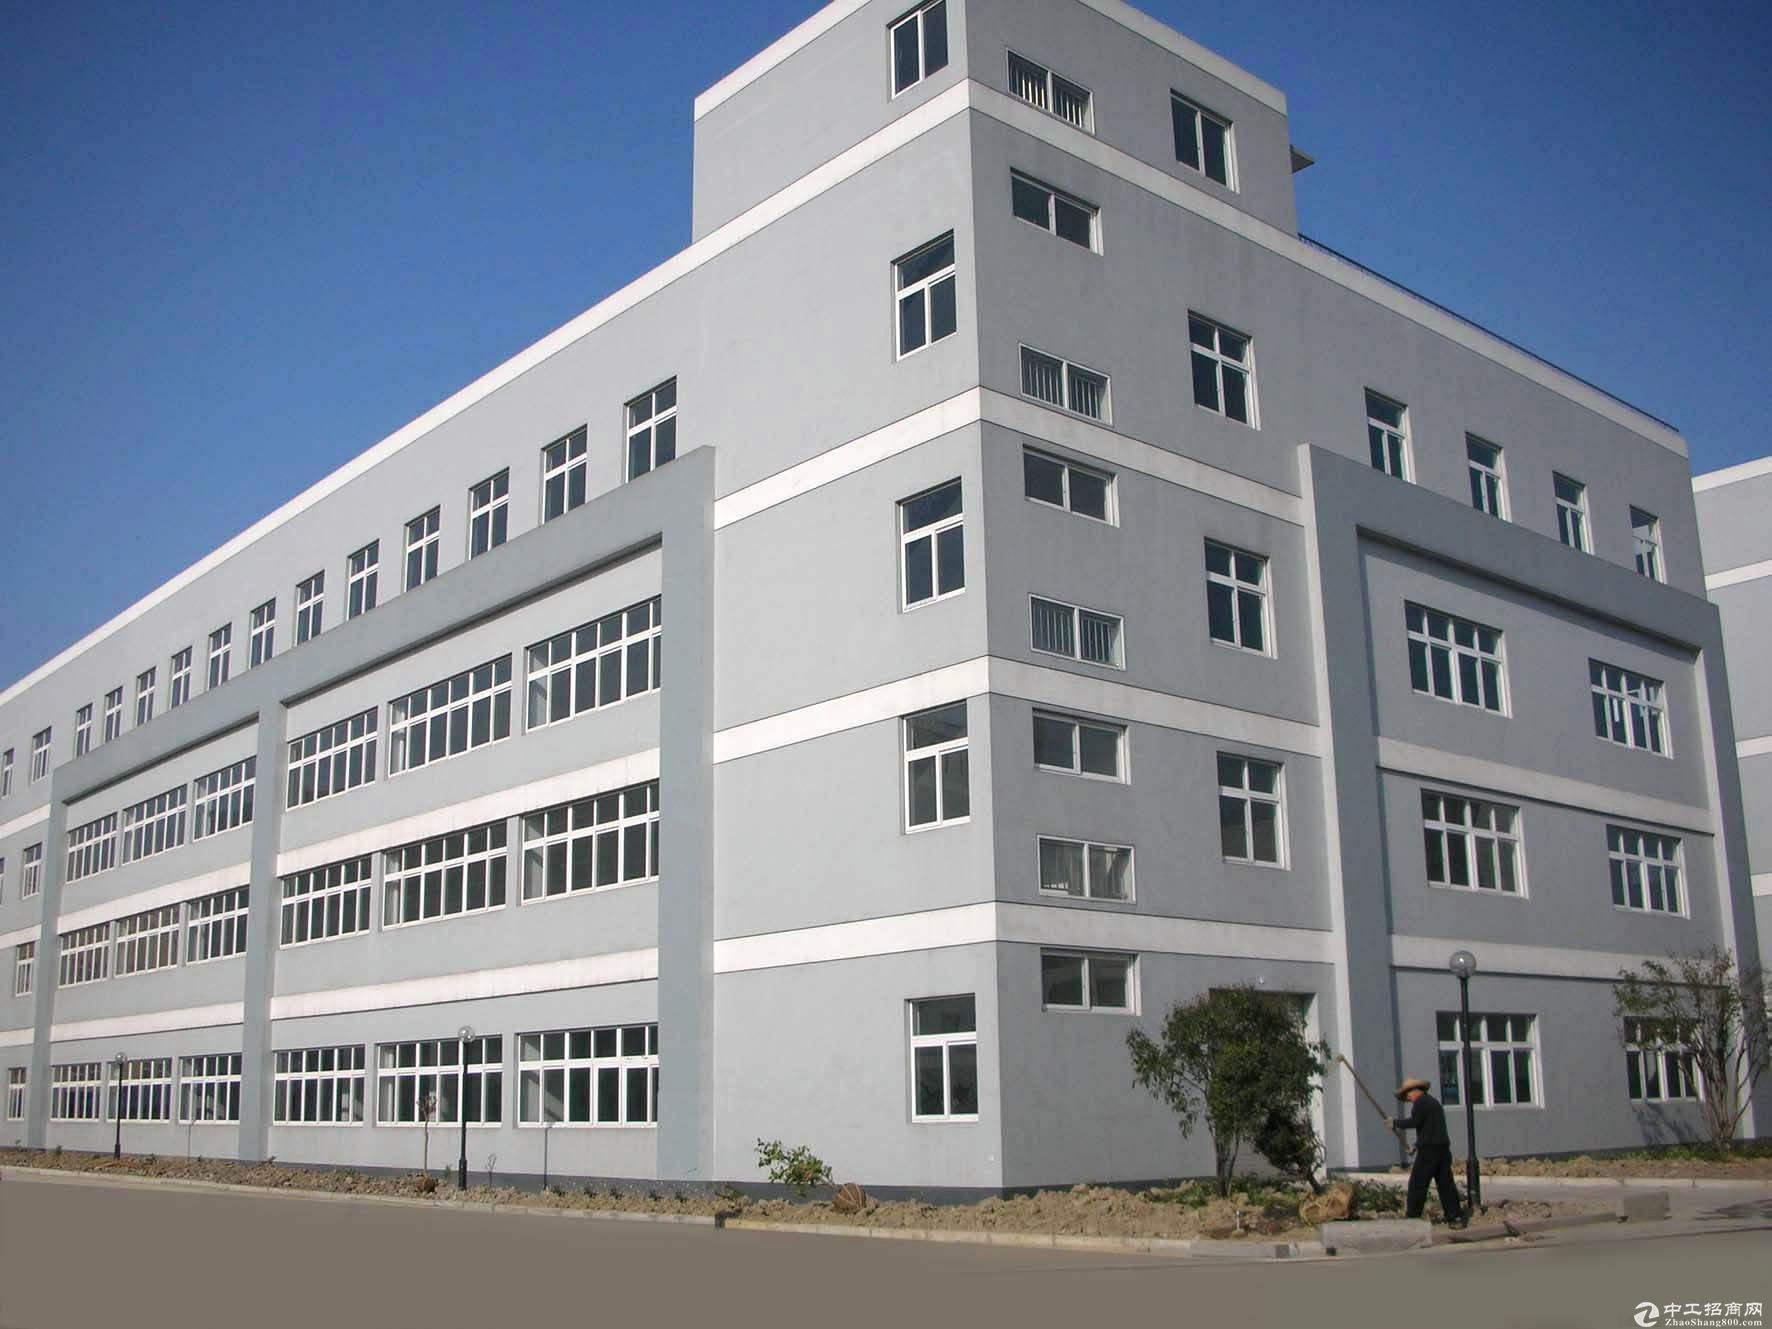 高淳精选工业厂房出租,交通便利